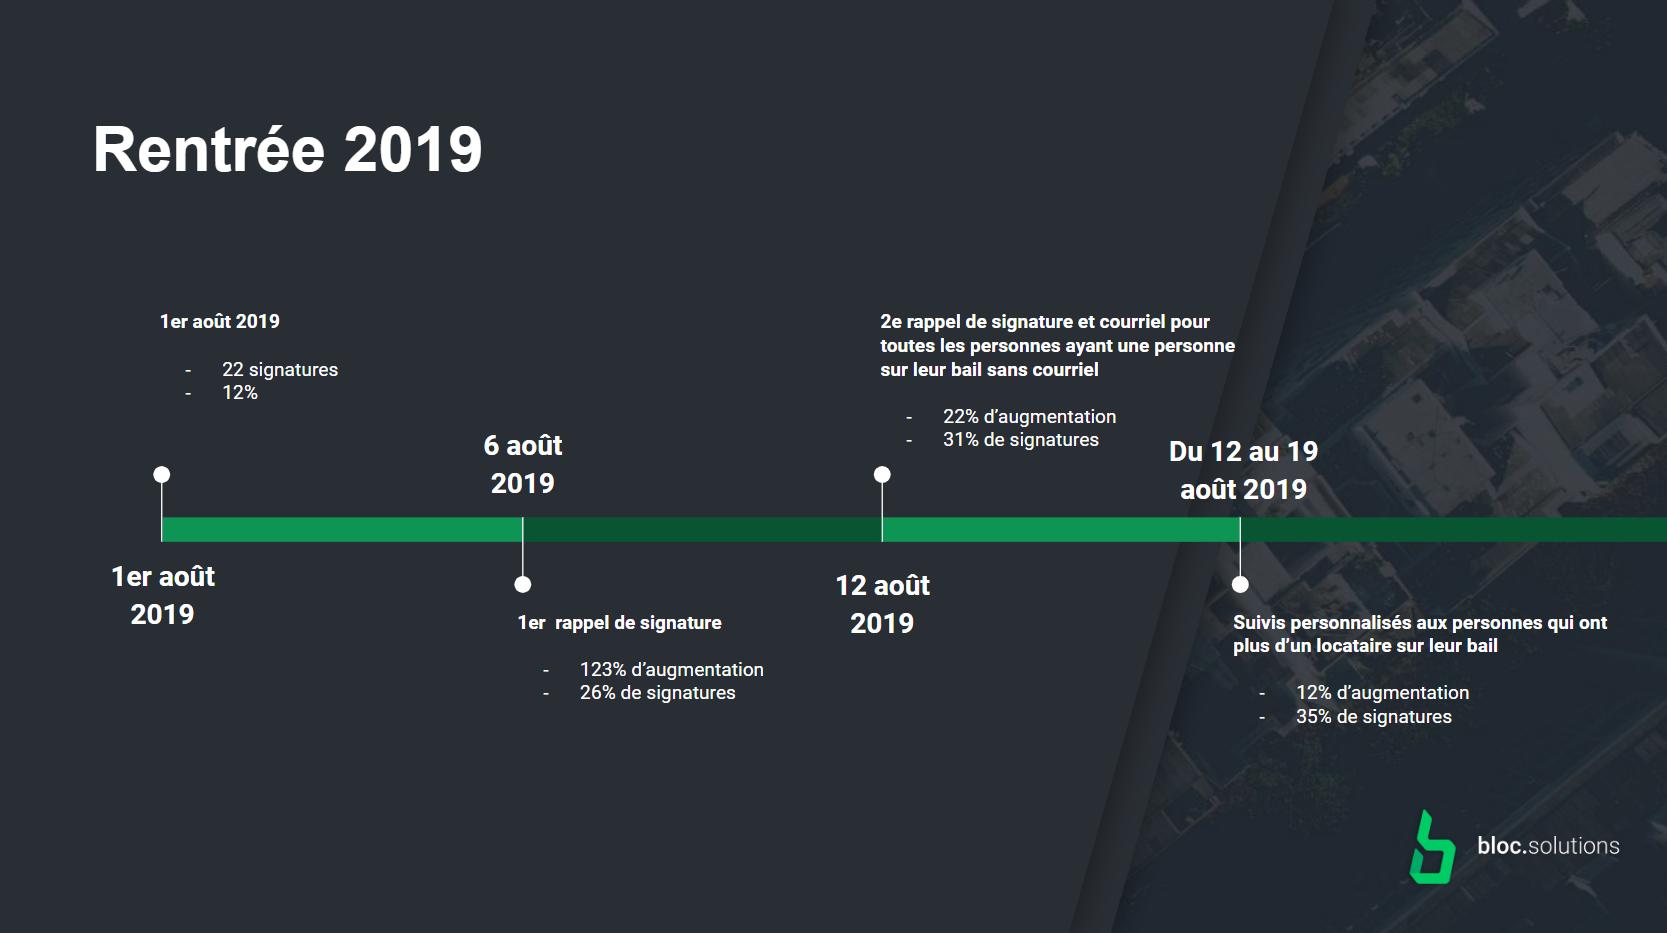 35 % des baux ont été signés entre le 1er et le 19 août 2019!